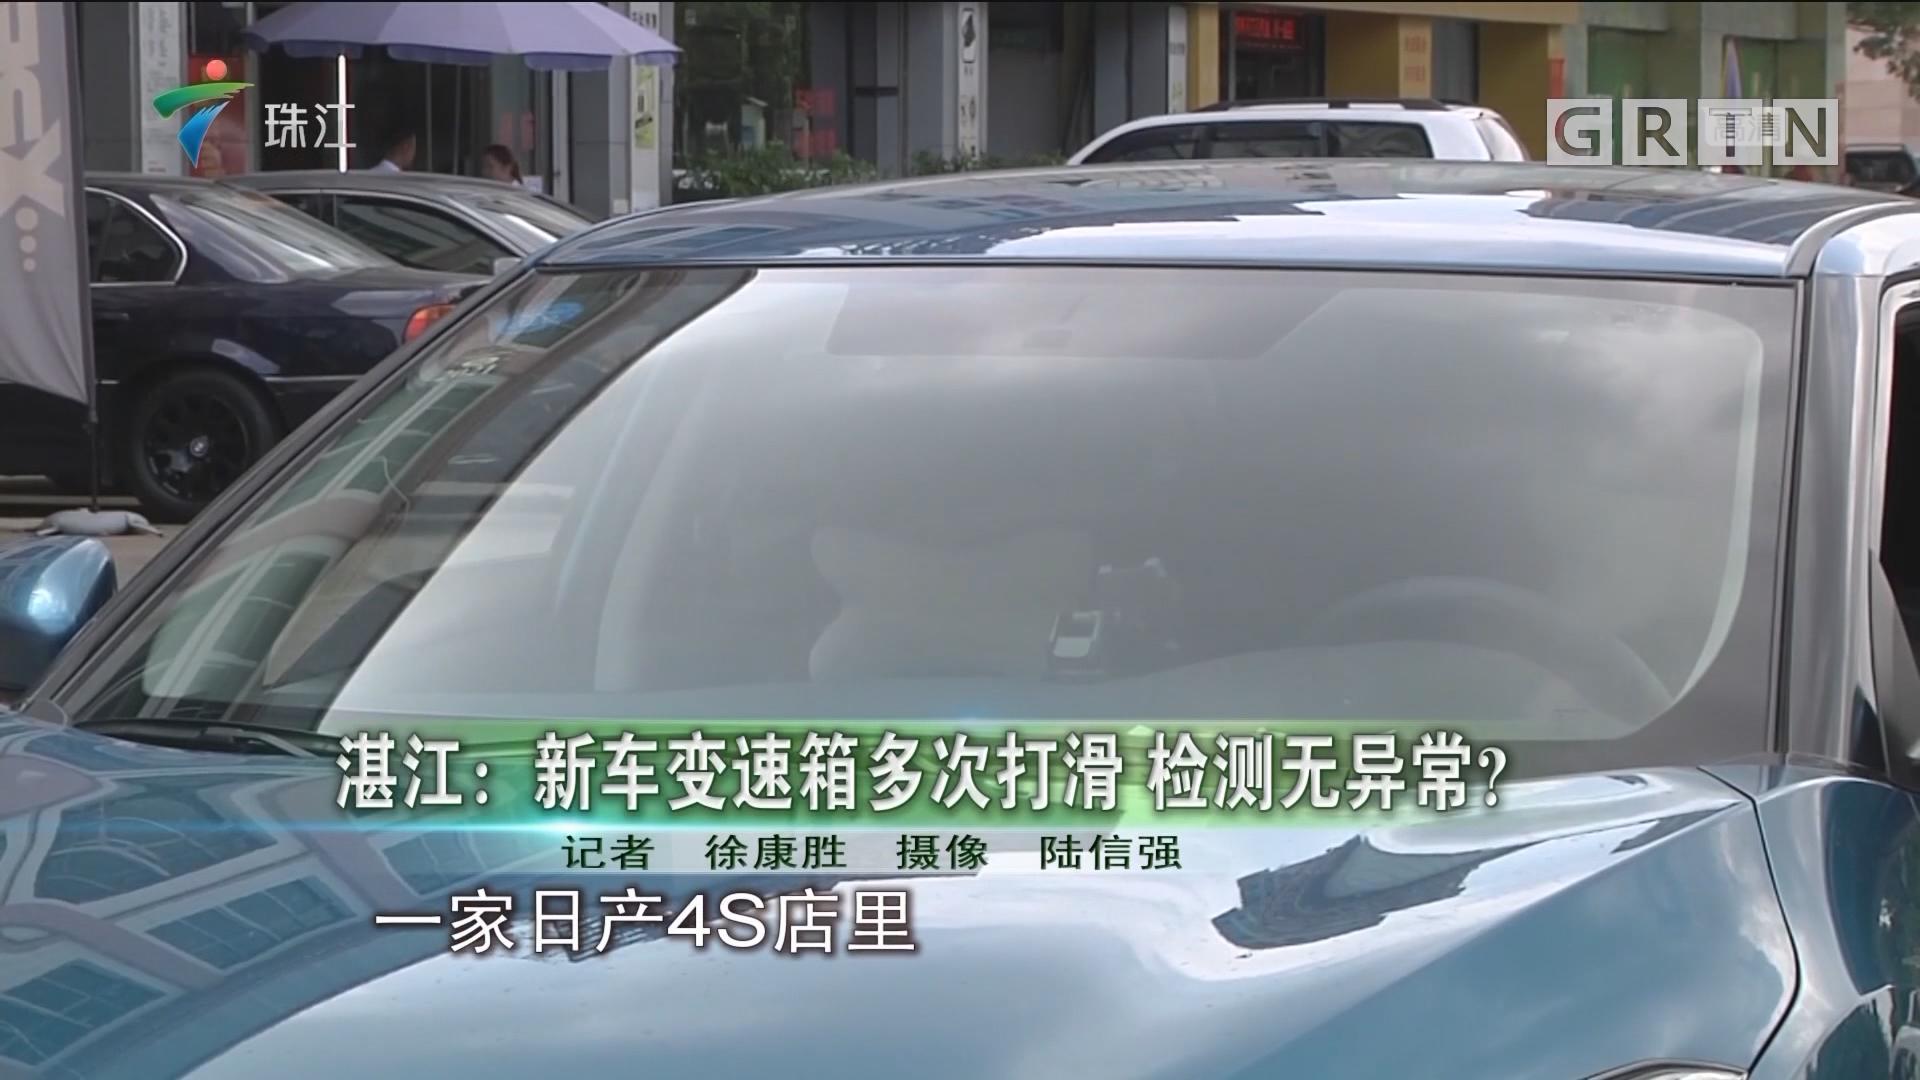 湛江:新车变速箱多次打滑 检测无异常?